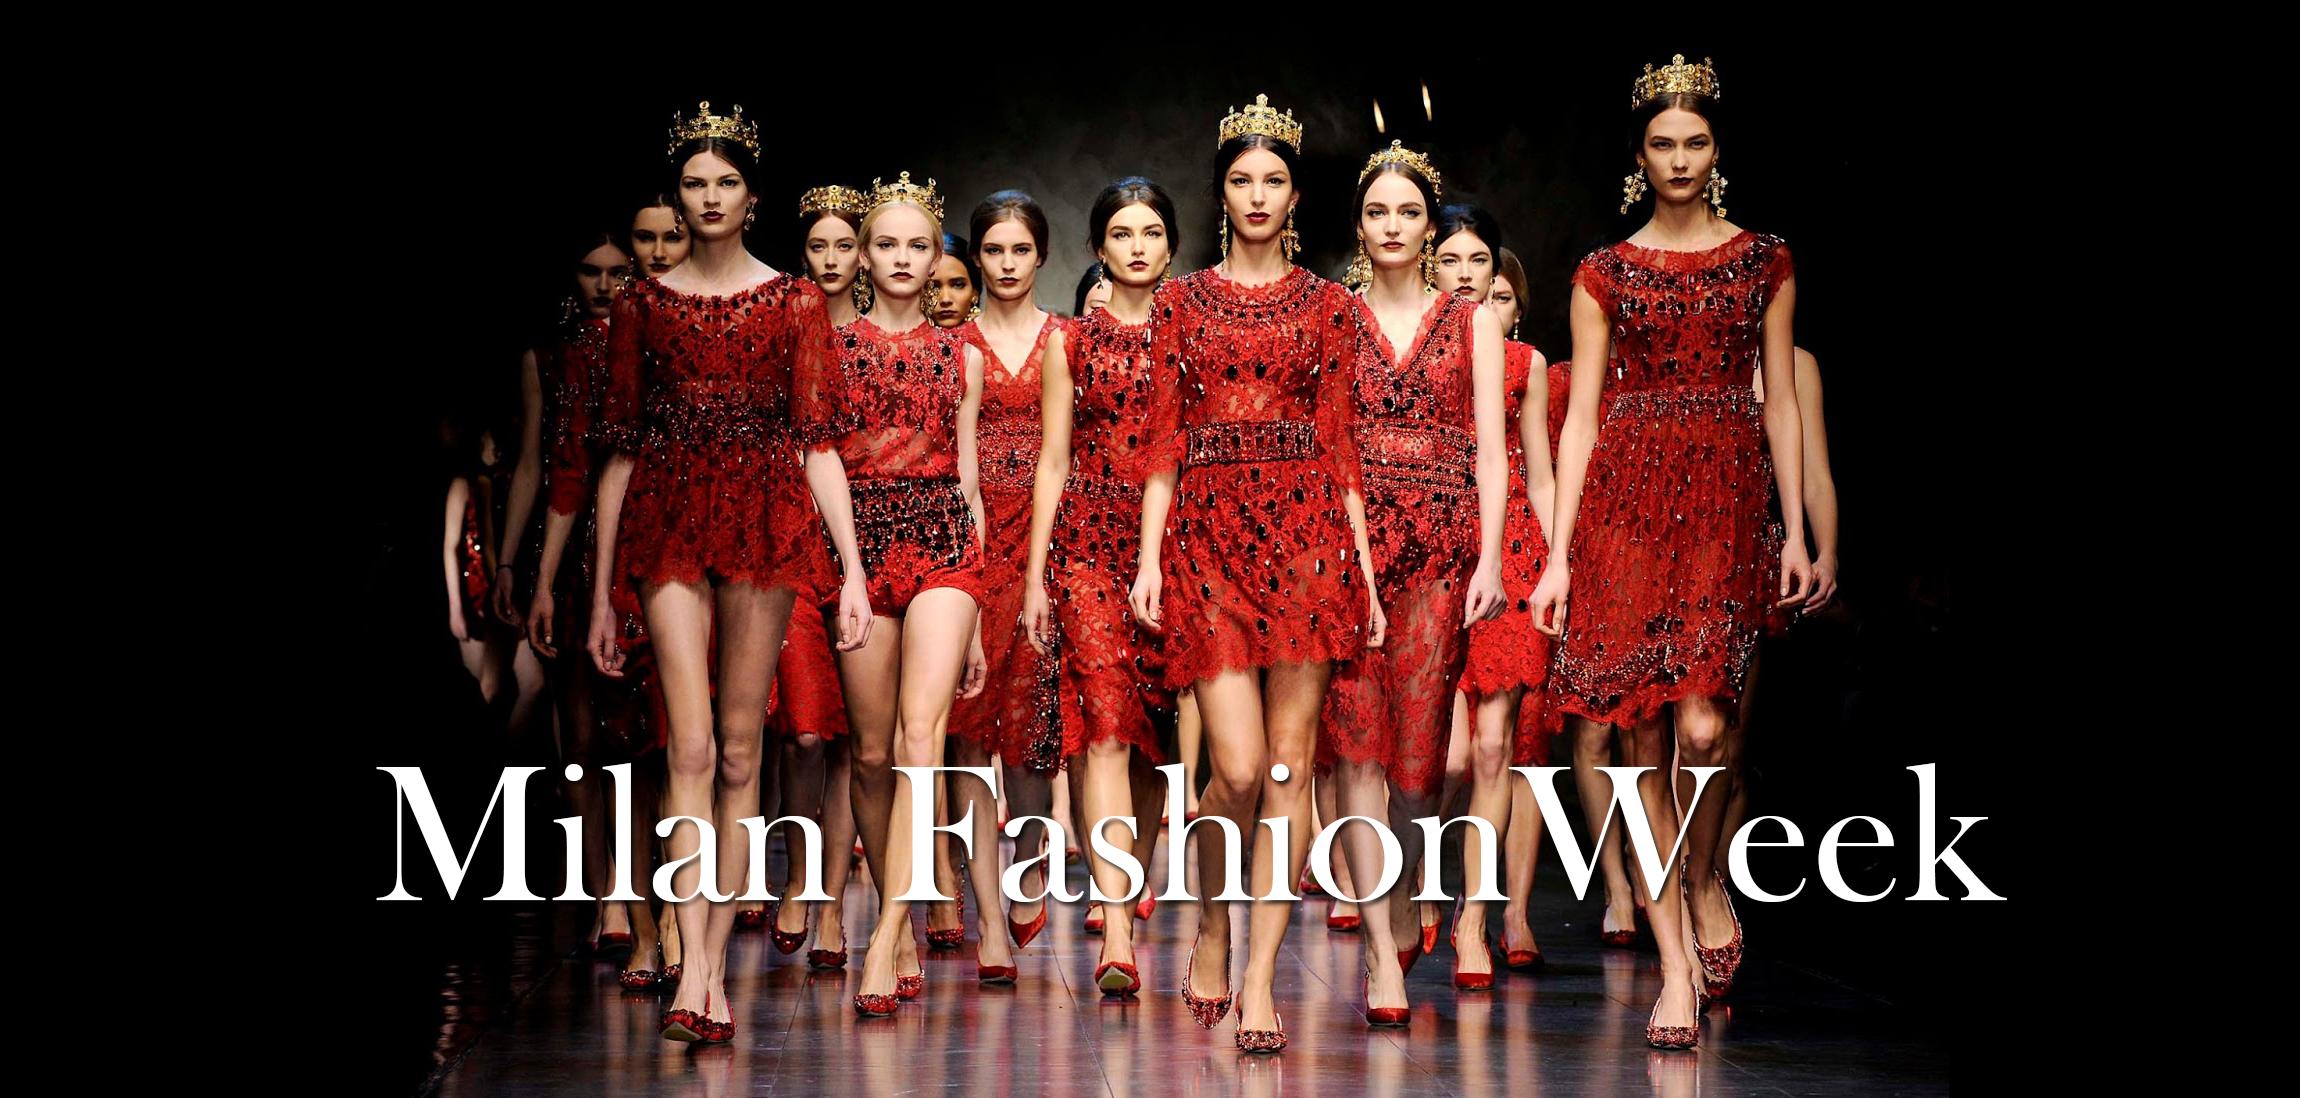 Milan Fashion Week Logo The Fashion Nomad